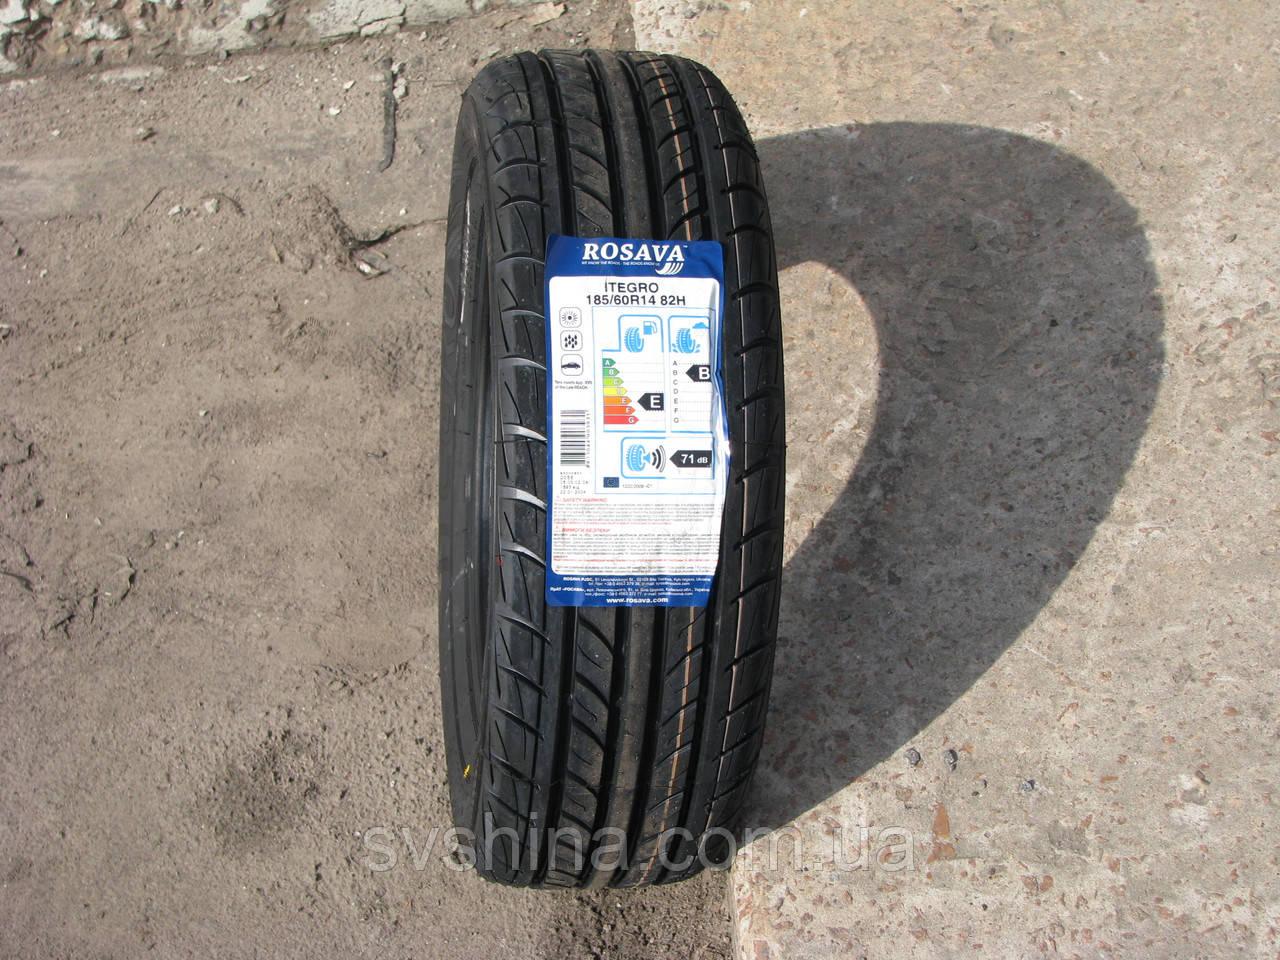 Літні шини 185/60R14 Росава ITEGRO, 82H